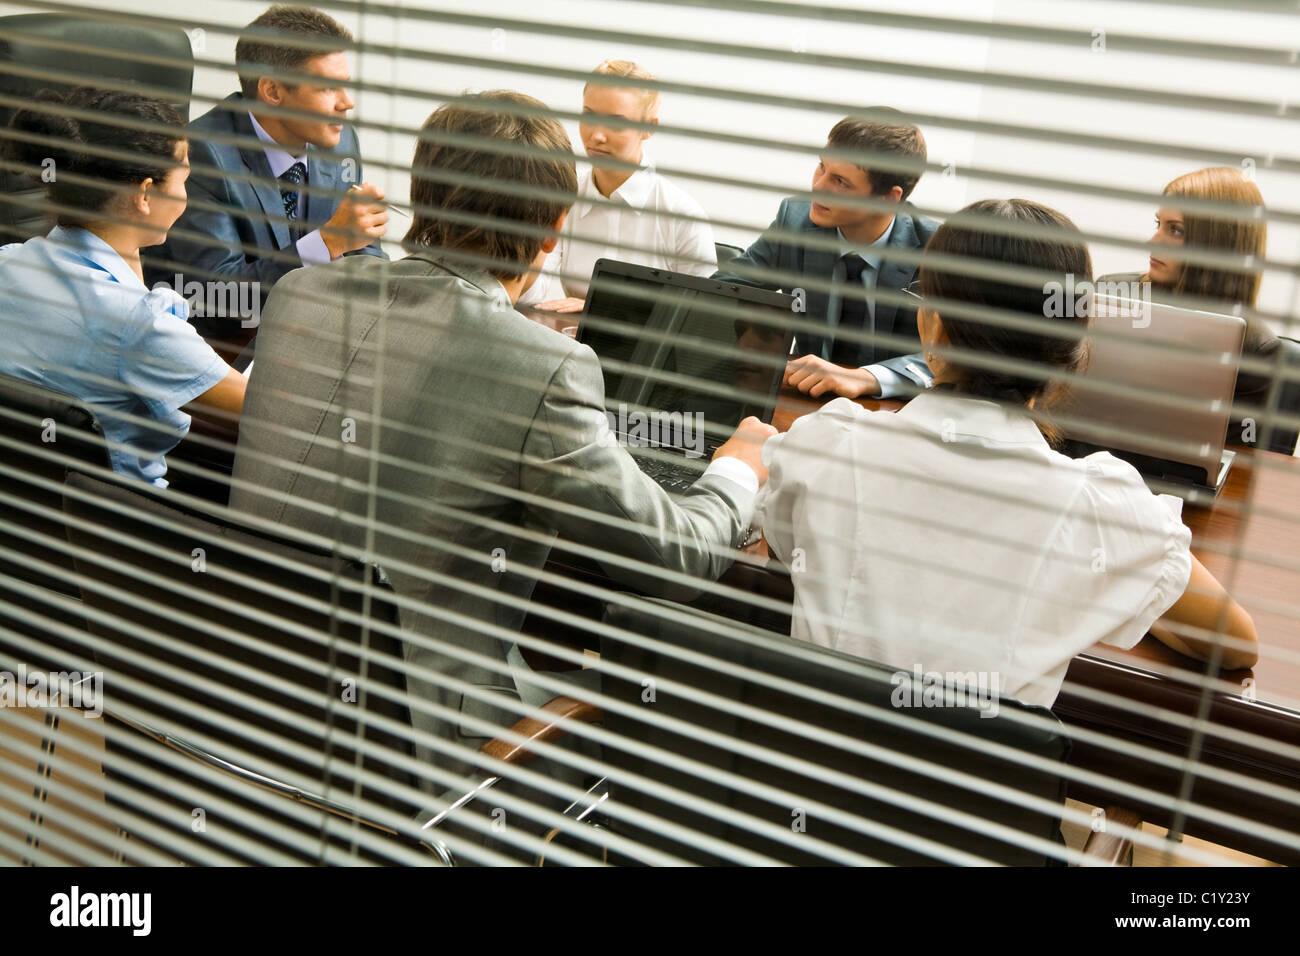 Ansicht von hinten Jalousie Mitarbeiter Interaktion bei Arbeitstreffen Stockbild